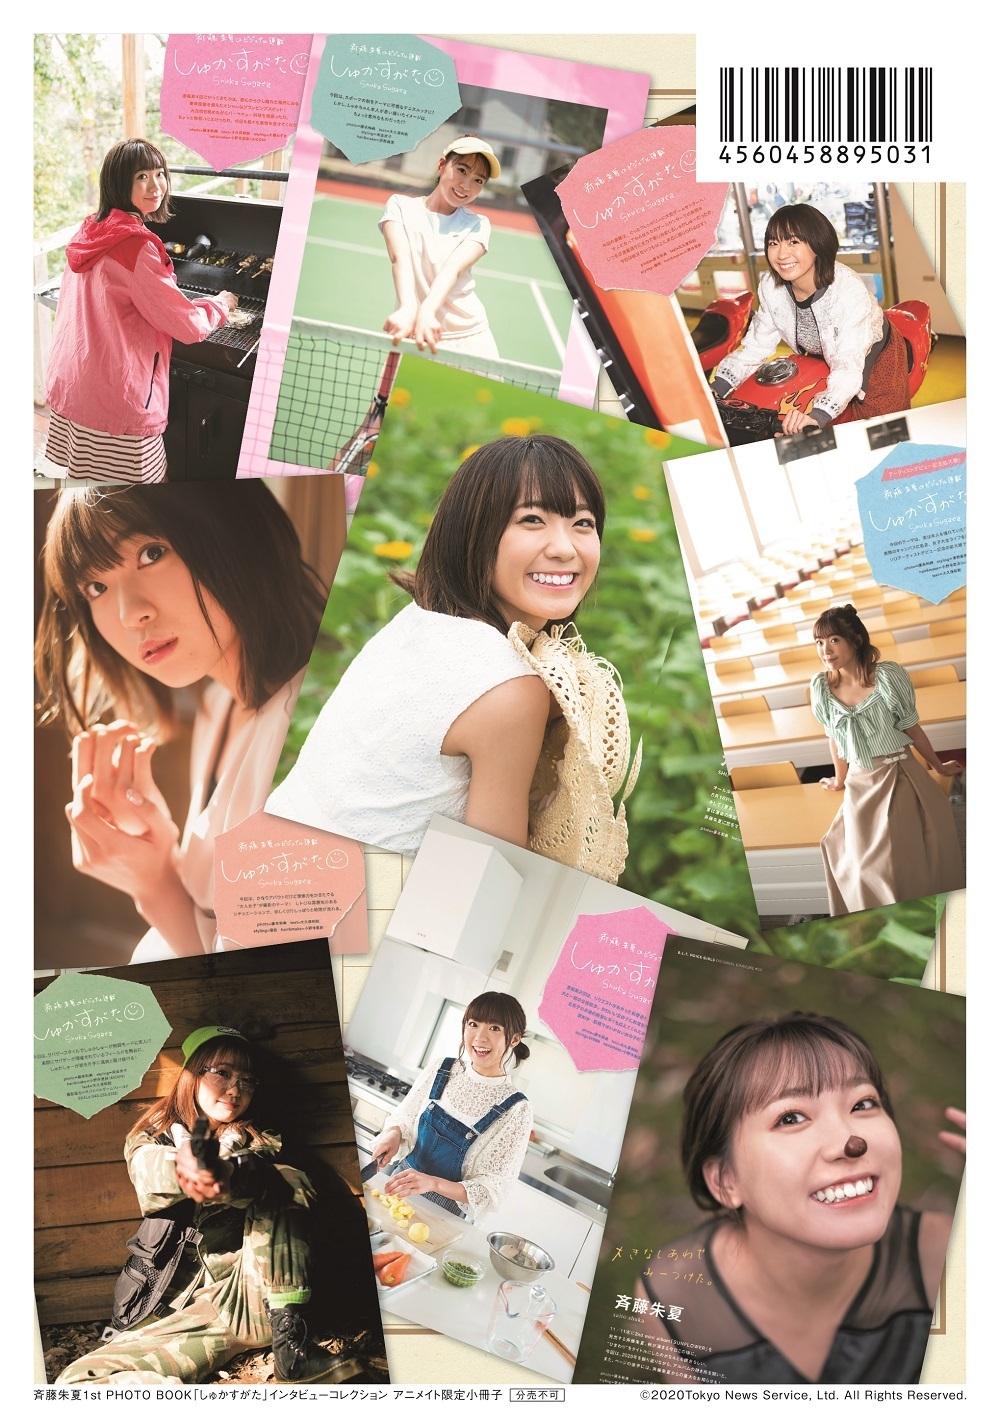 斉藤朱夏1st PHOTO BOOK「しゅかすがた」アニメイト限定小冊子